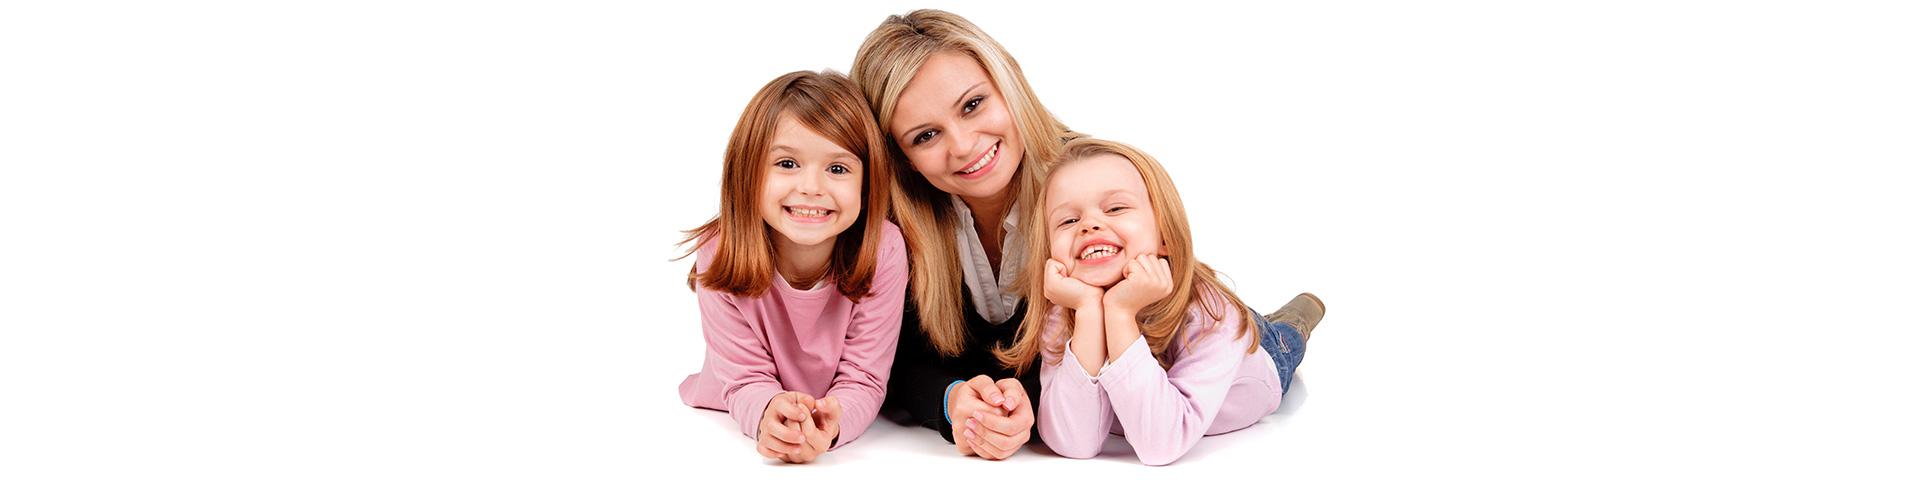 Pedicure Kosmetik HaarentfernungMutter mit 2 Mädchen lachen in die Kamera